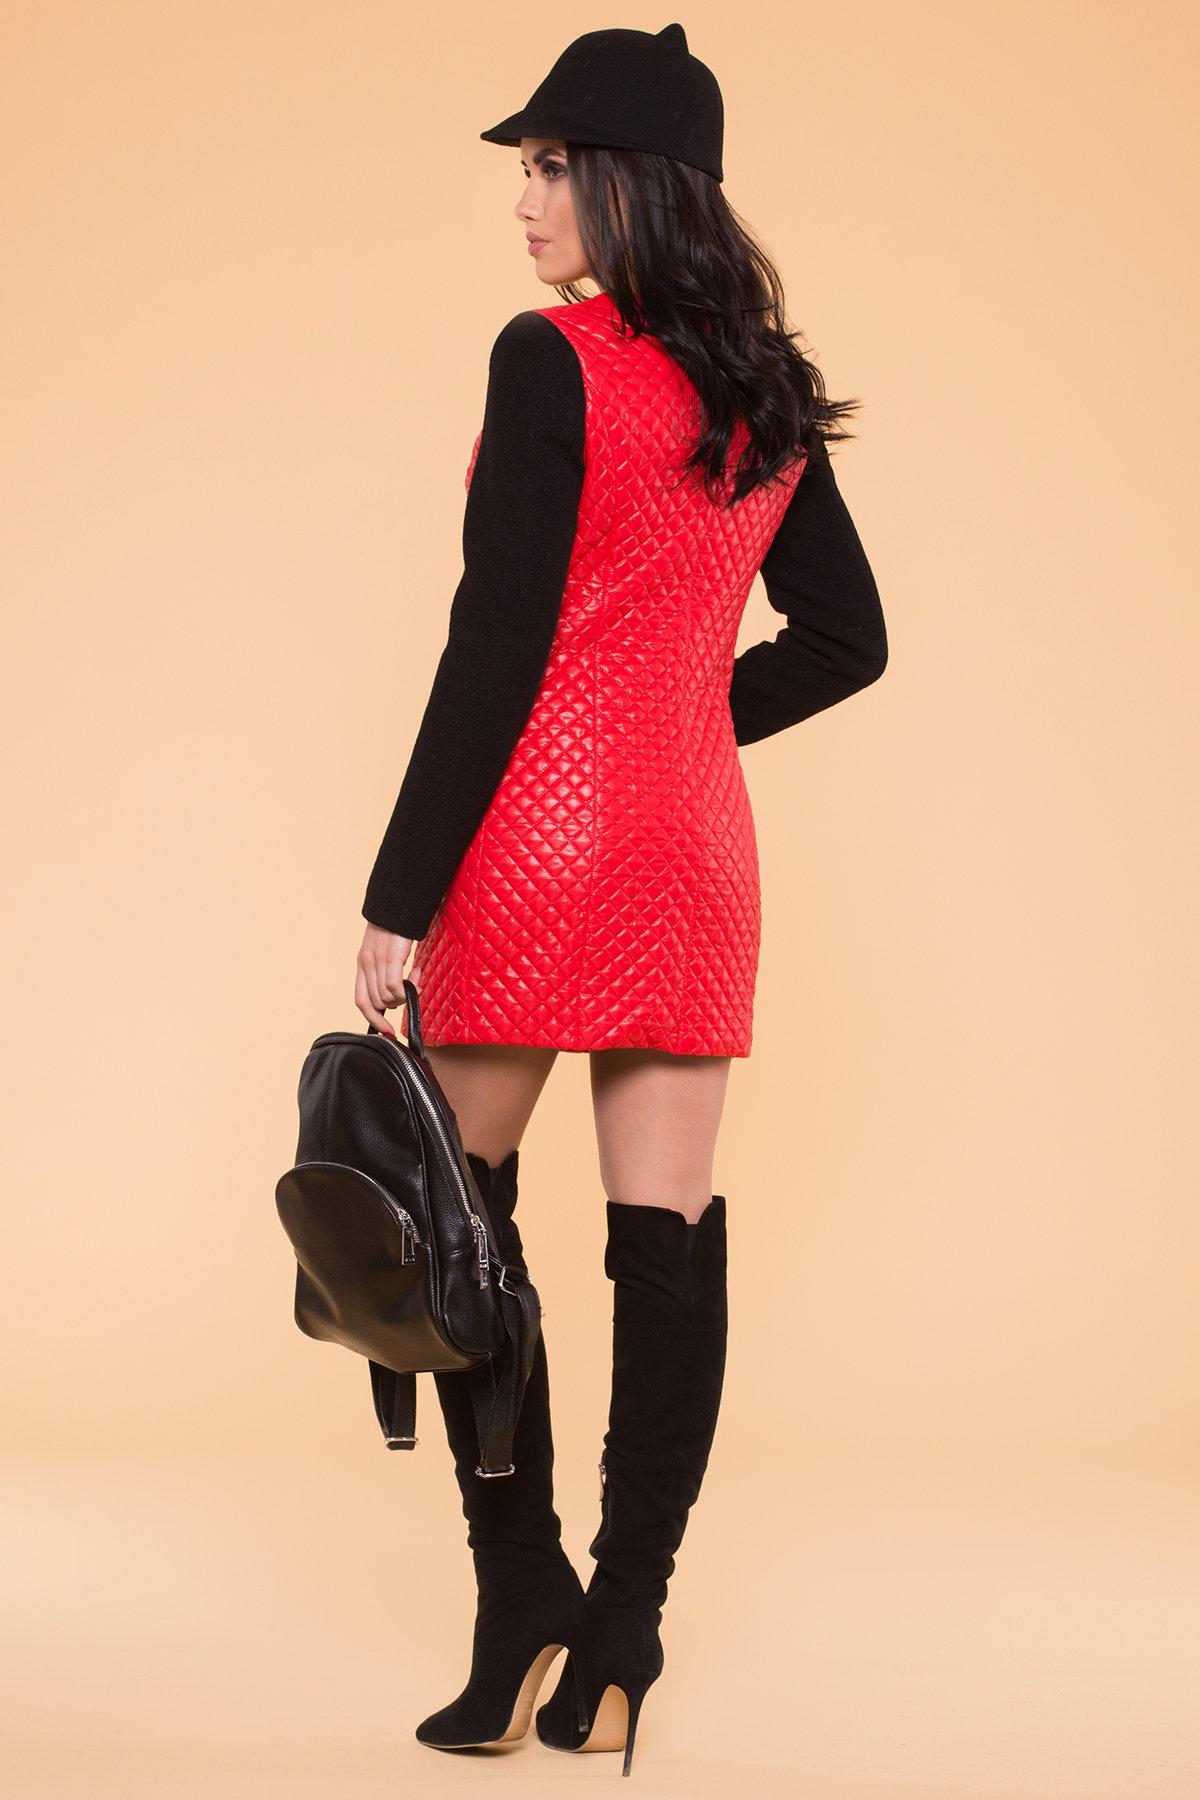 Пальто Матео 4809 АРТ. 5602 Цвет: Красный/Черный 4 - фото 2, интернет магазин tm-modus.ru